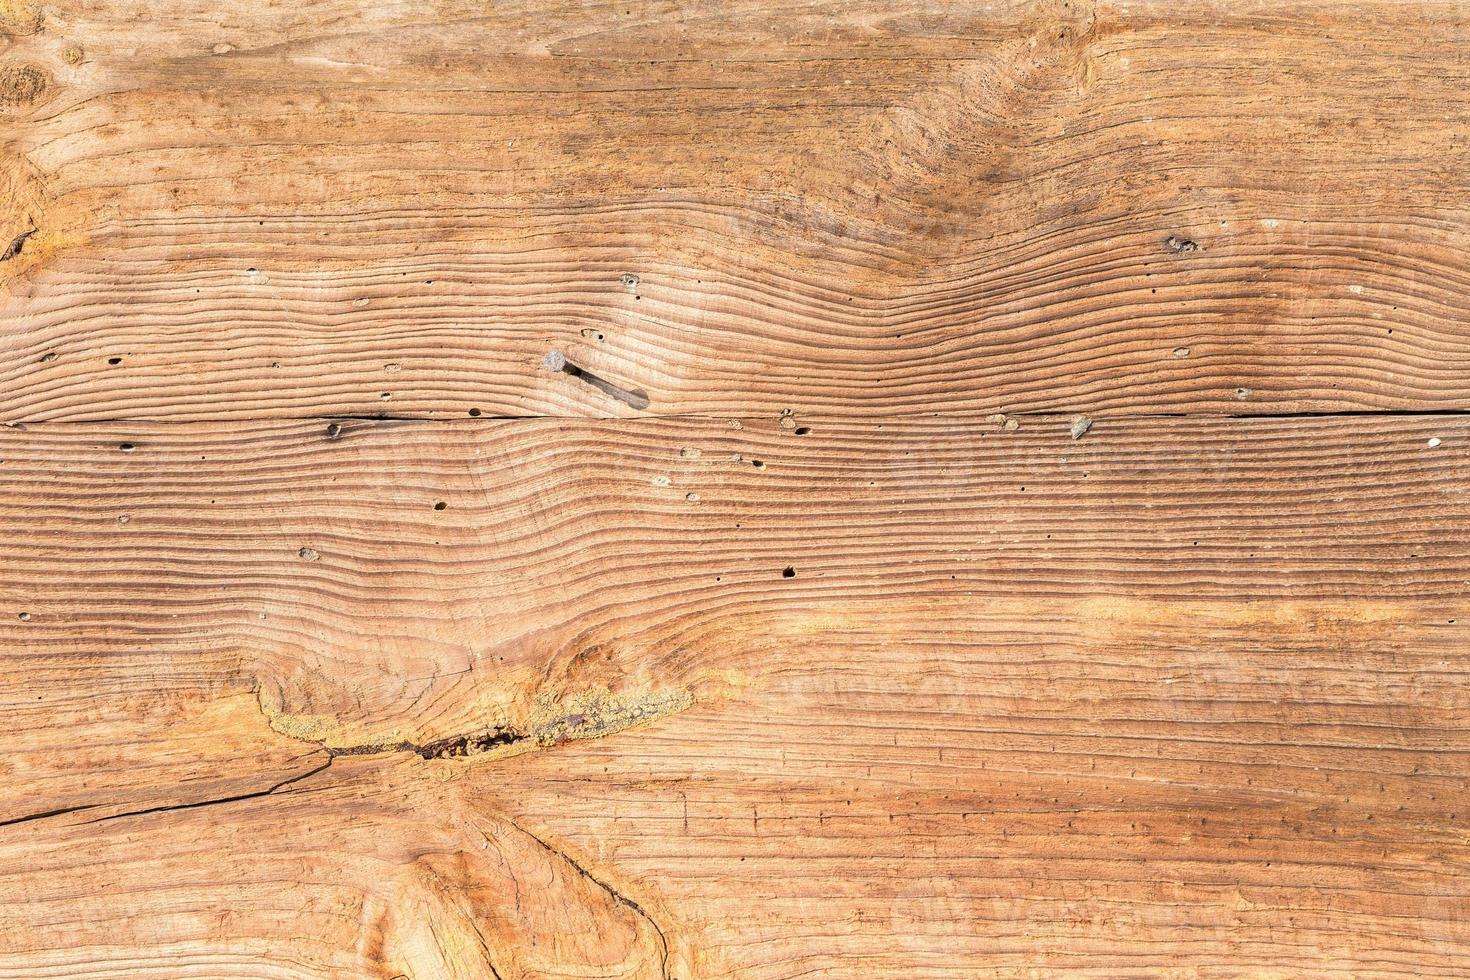 la vecchia struttura in legno con motivi naturali foto